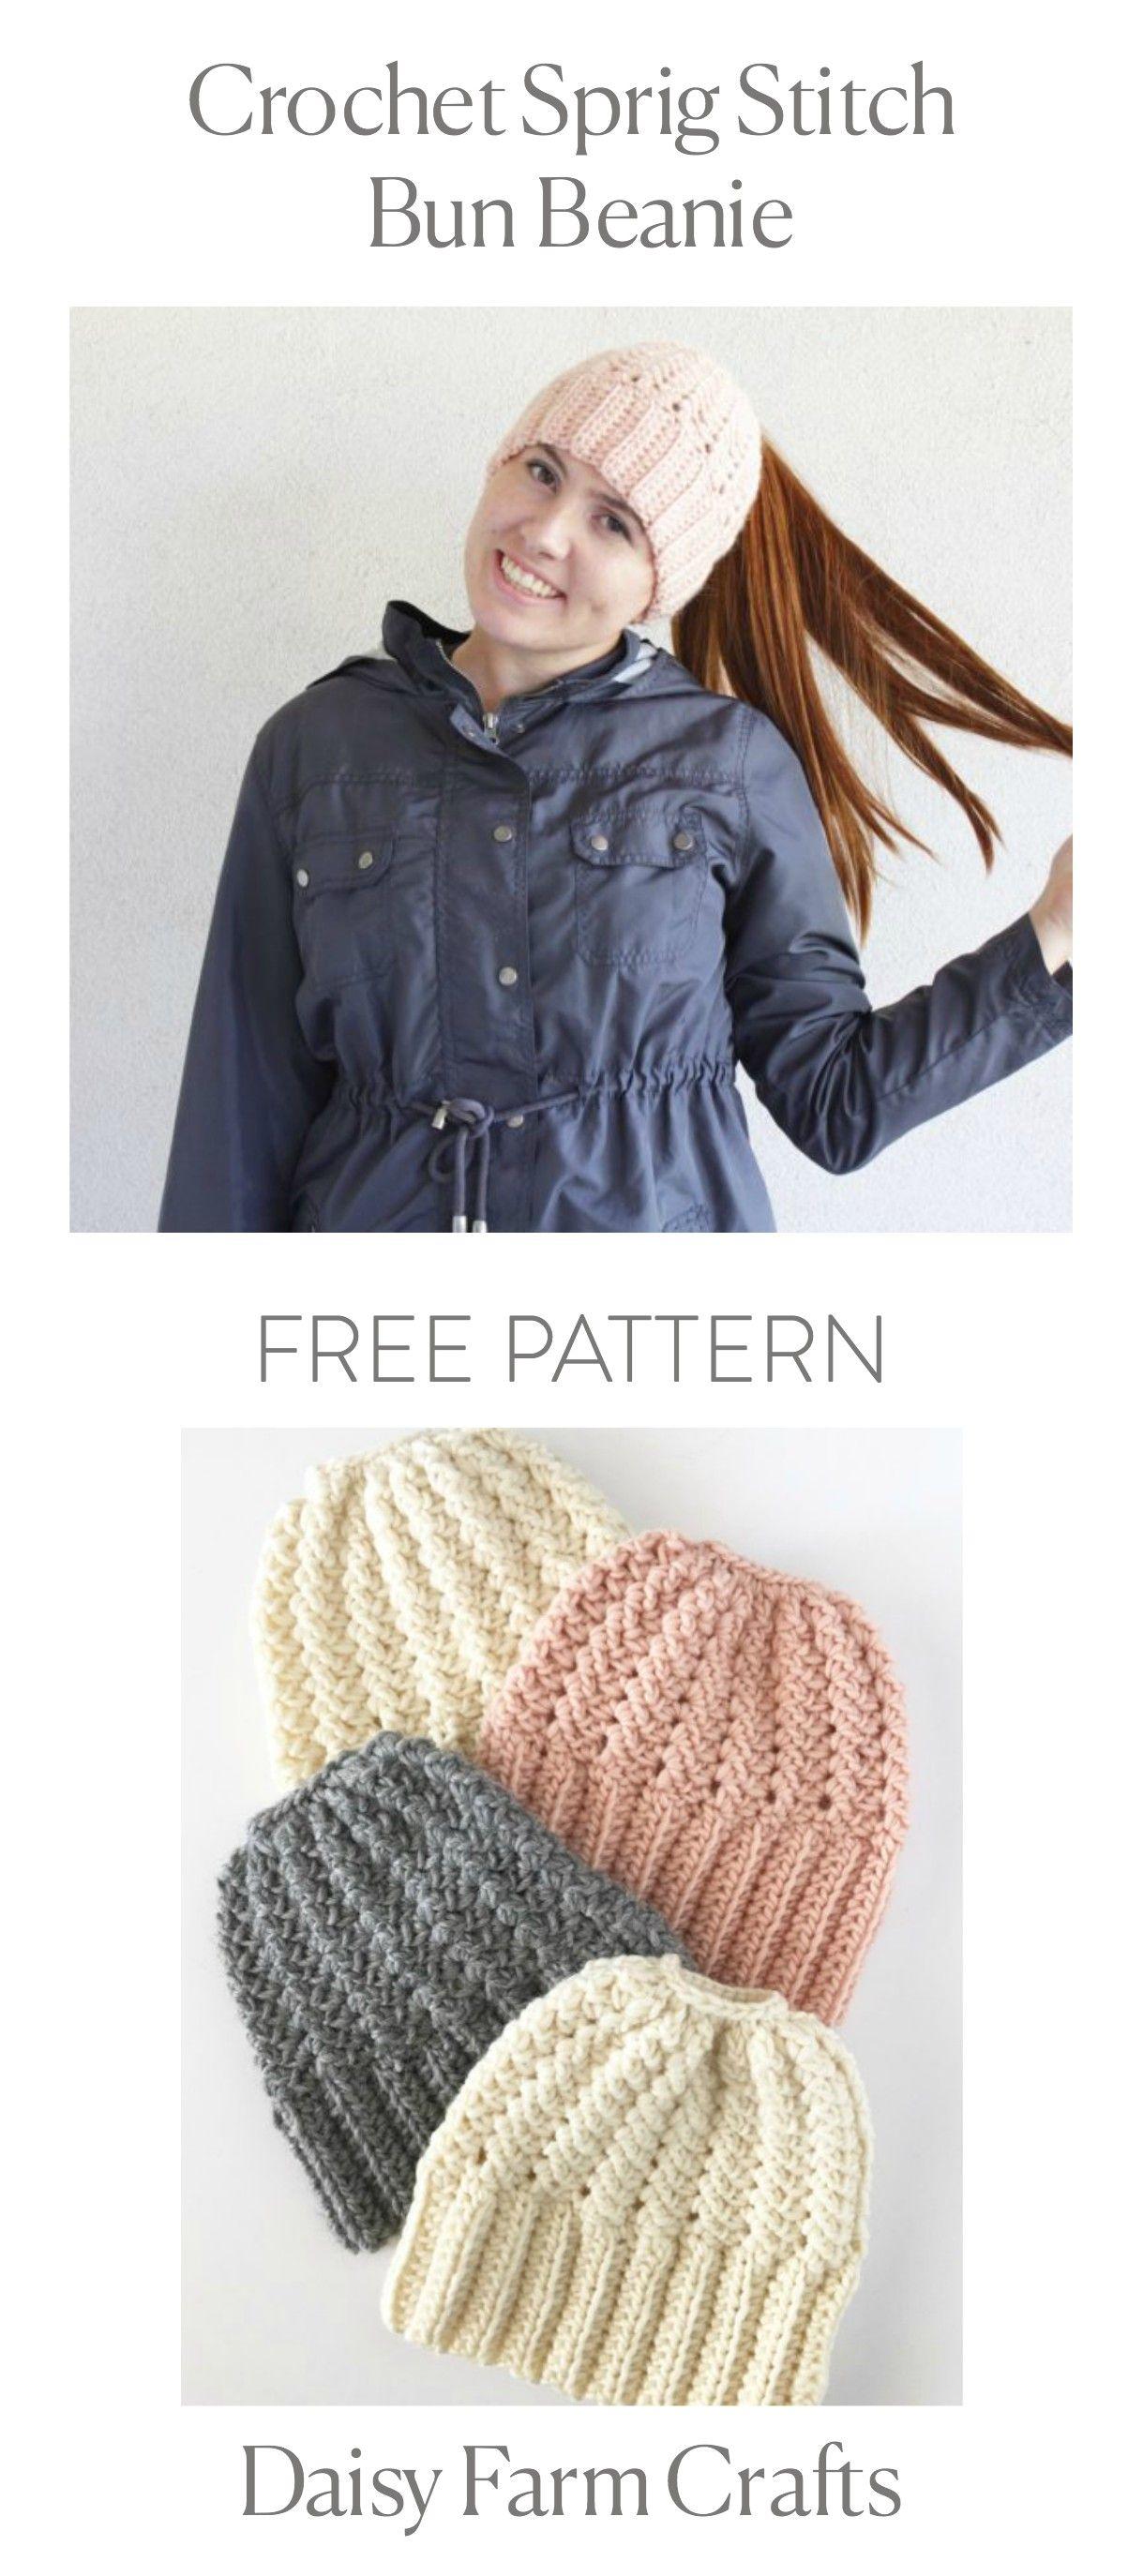 FREE PATTERN - Crochet Sprig Stitch Bun Beanie | jabsbzksbakana ...